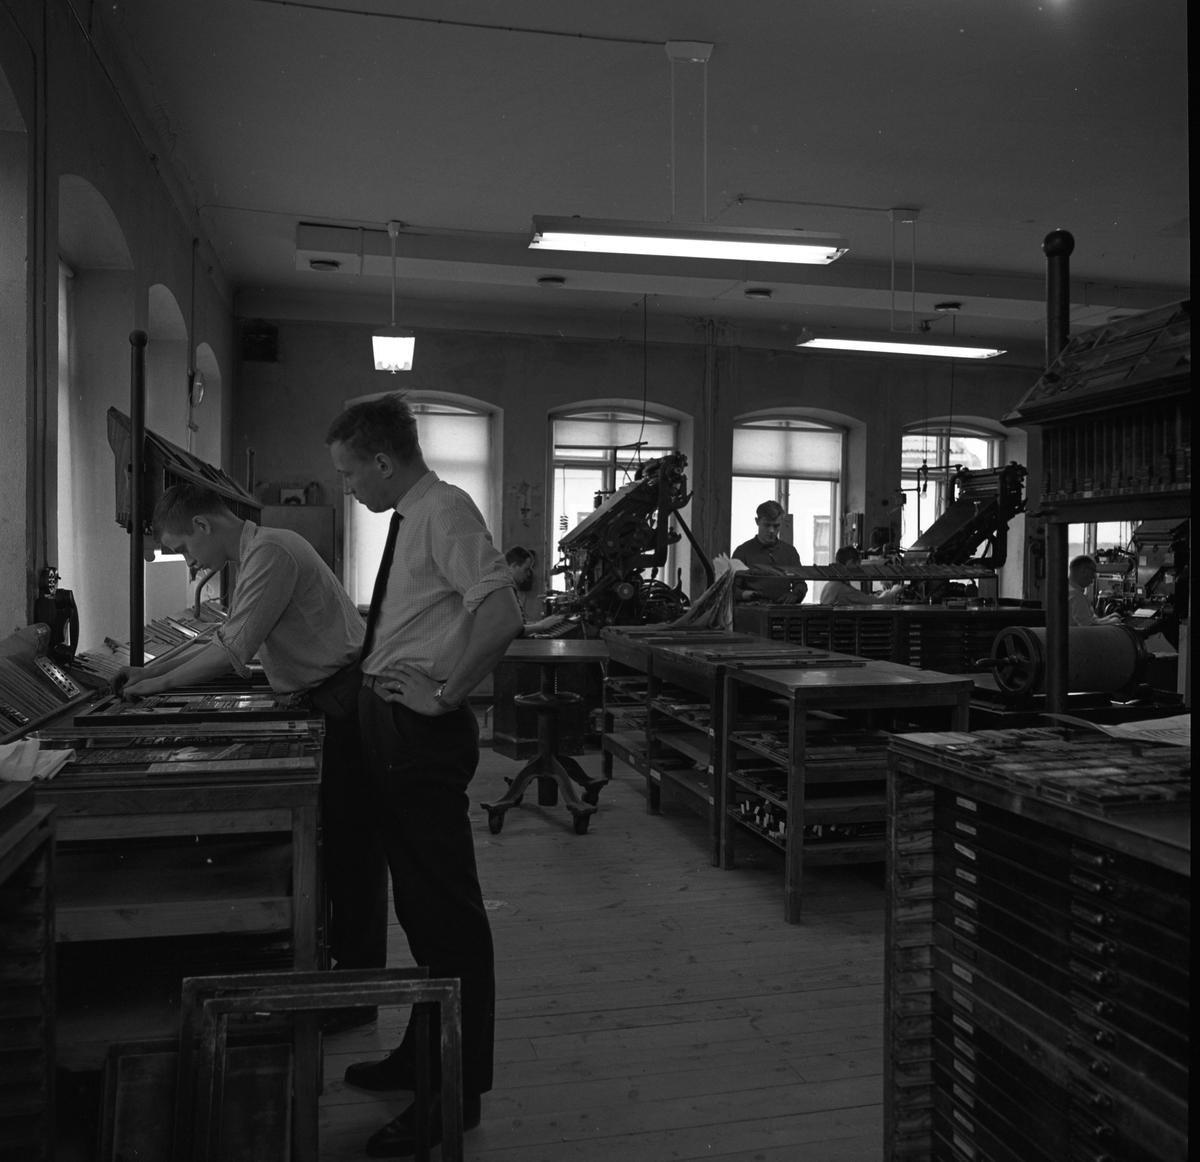 Arboga Tidning, personal och interiör. Flera män arbetar i lokalen. Mannen närmast fotografen bygger ens tidningssida medan en annan man ser på. Stora maskiner står i andra änden av rummet. Rummet har höga fönster och trägolv.